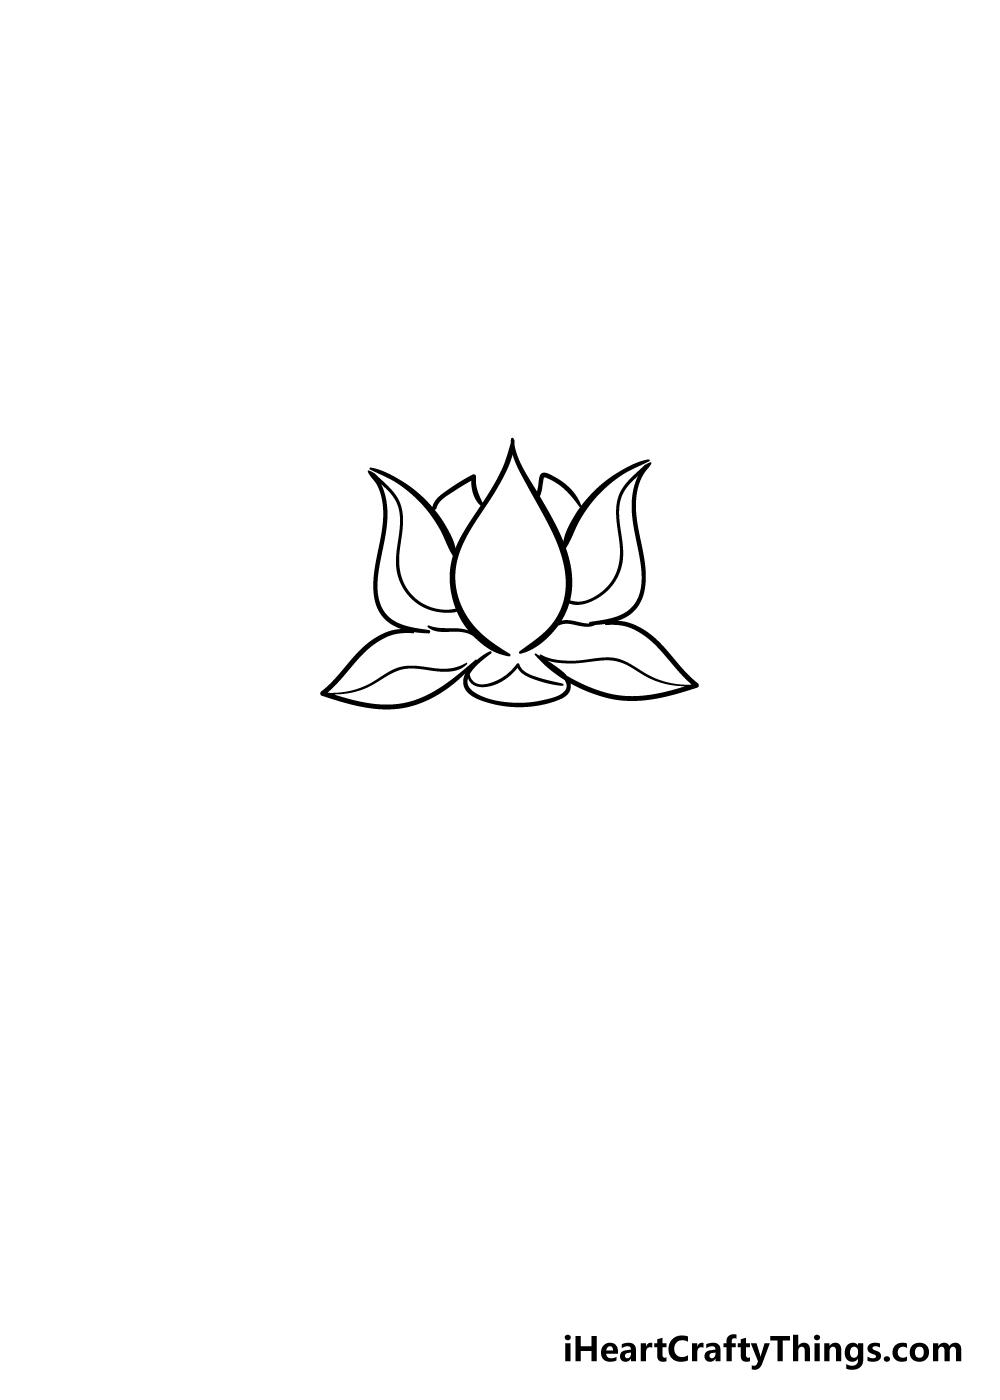 lotus flower drawing step 4